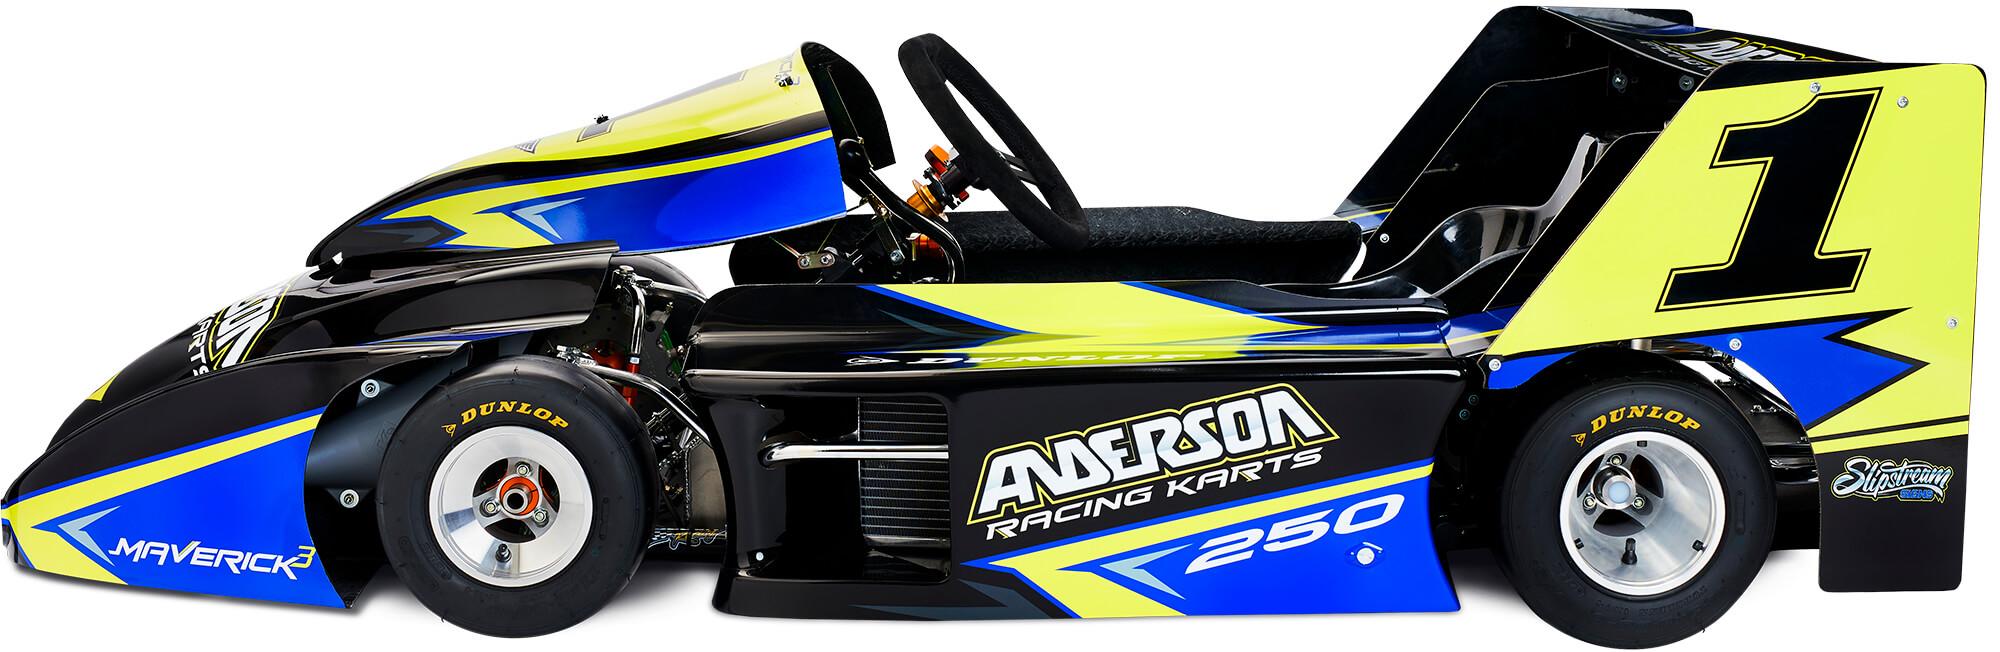 Anderson 250 Div 1 Superkart